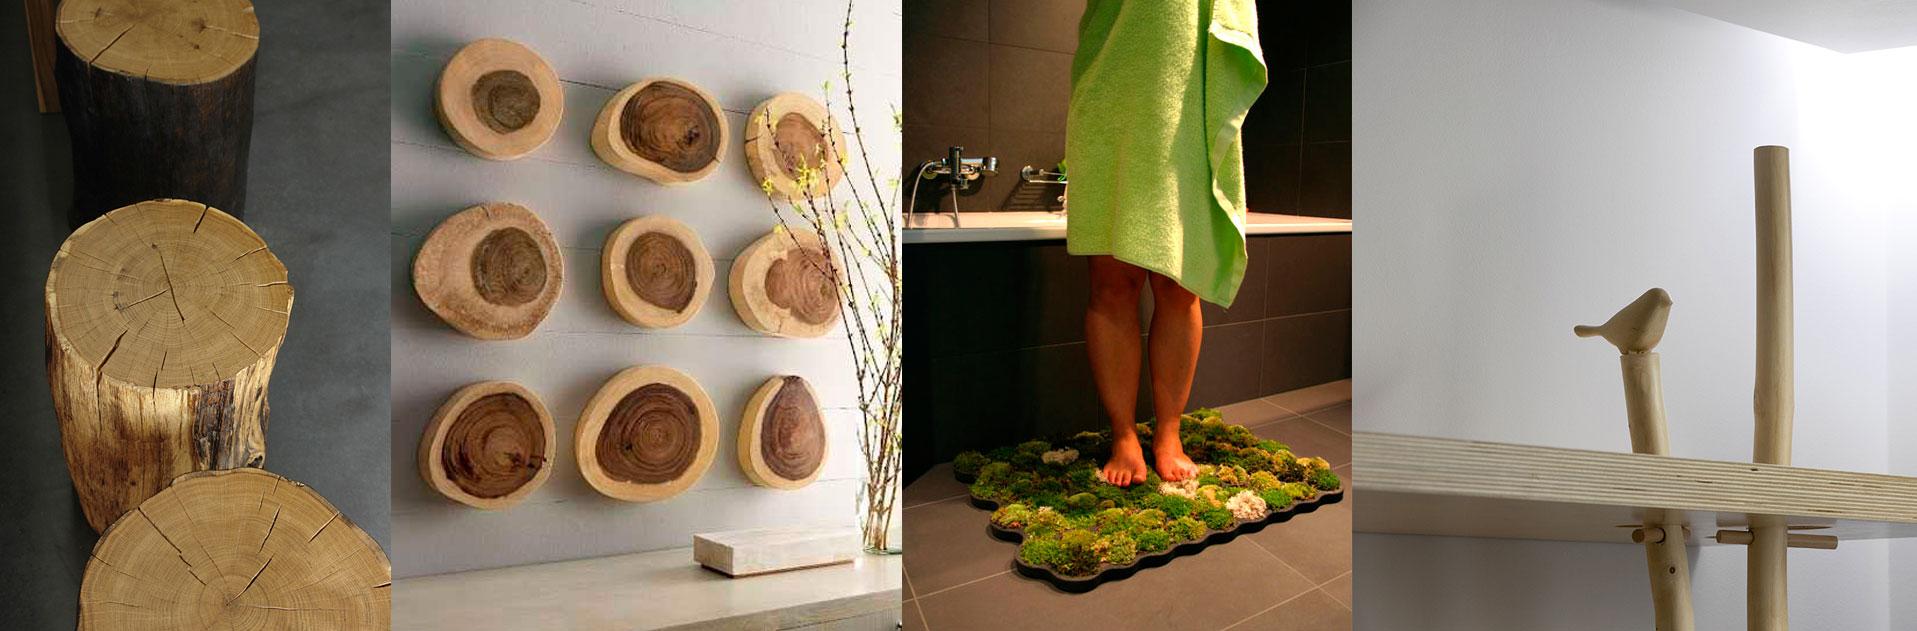 Картинки интерьера со срезами дерева и ковриком из настоящего мха